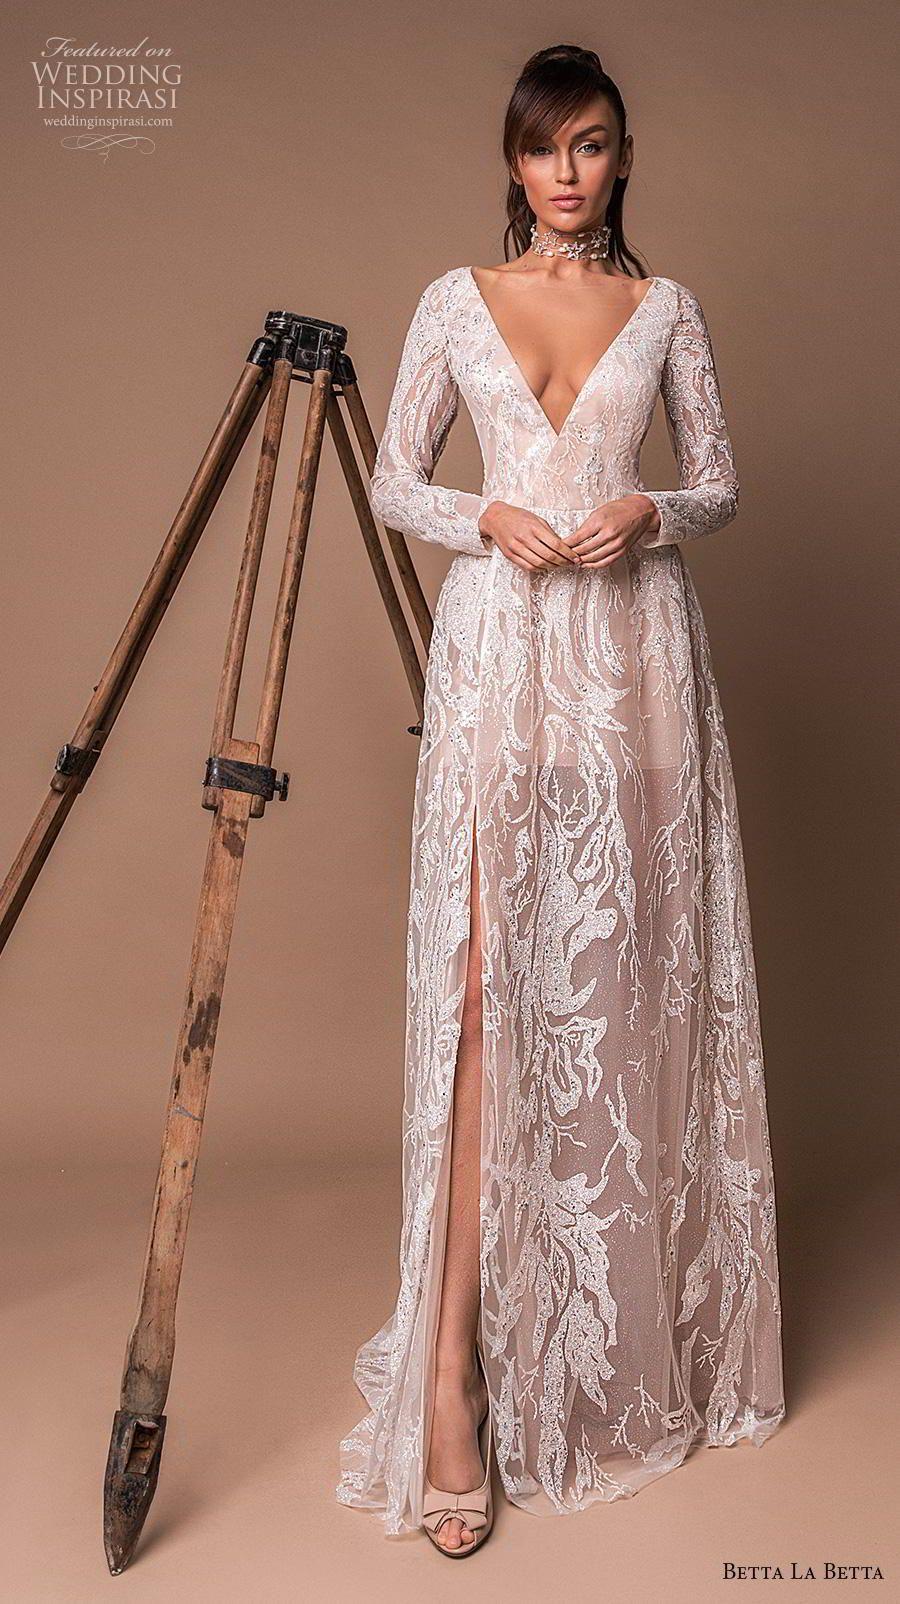 Julie Vino Spring 2020 Wedding Dresses Barcelona Bridal Collection Wedding Inspirasi Julie Vino Wedding Dress Wedding Dress Long Sleeve White Lace Wedding Dress